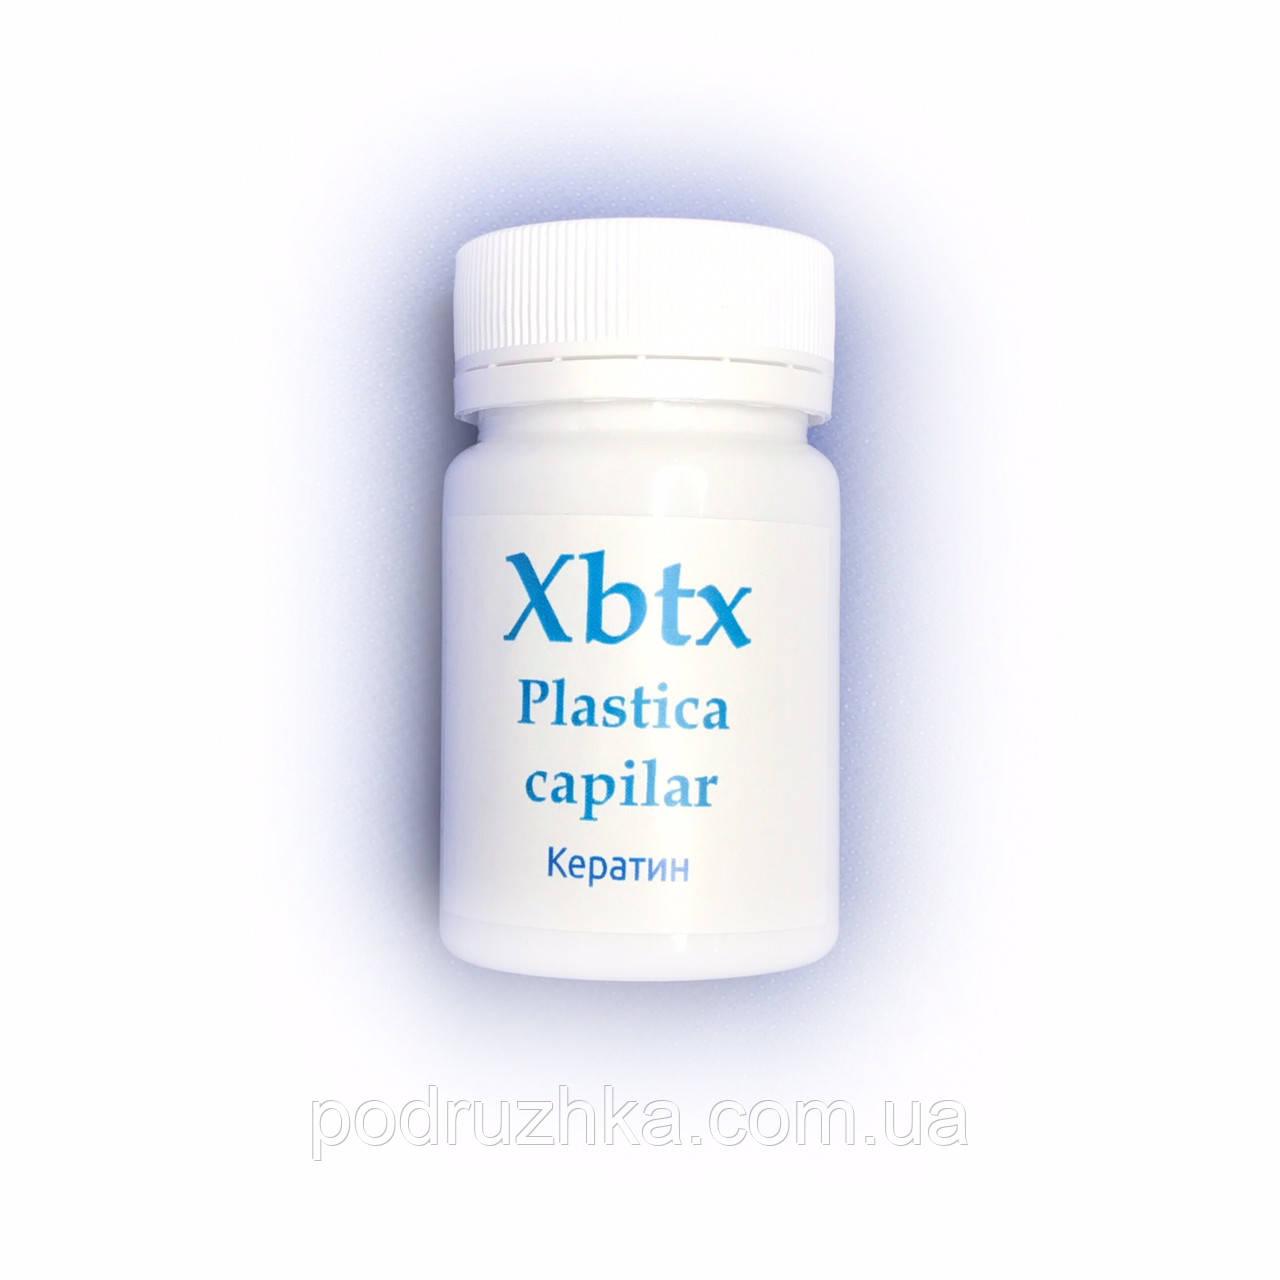 Кератин для волос XBTX Plastica capilar (шаг 2) 1000 г